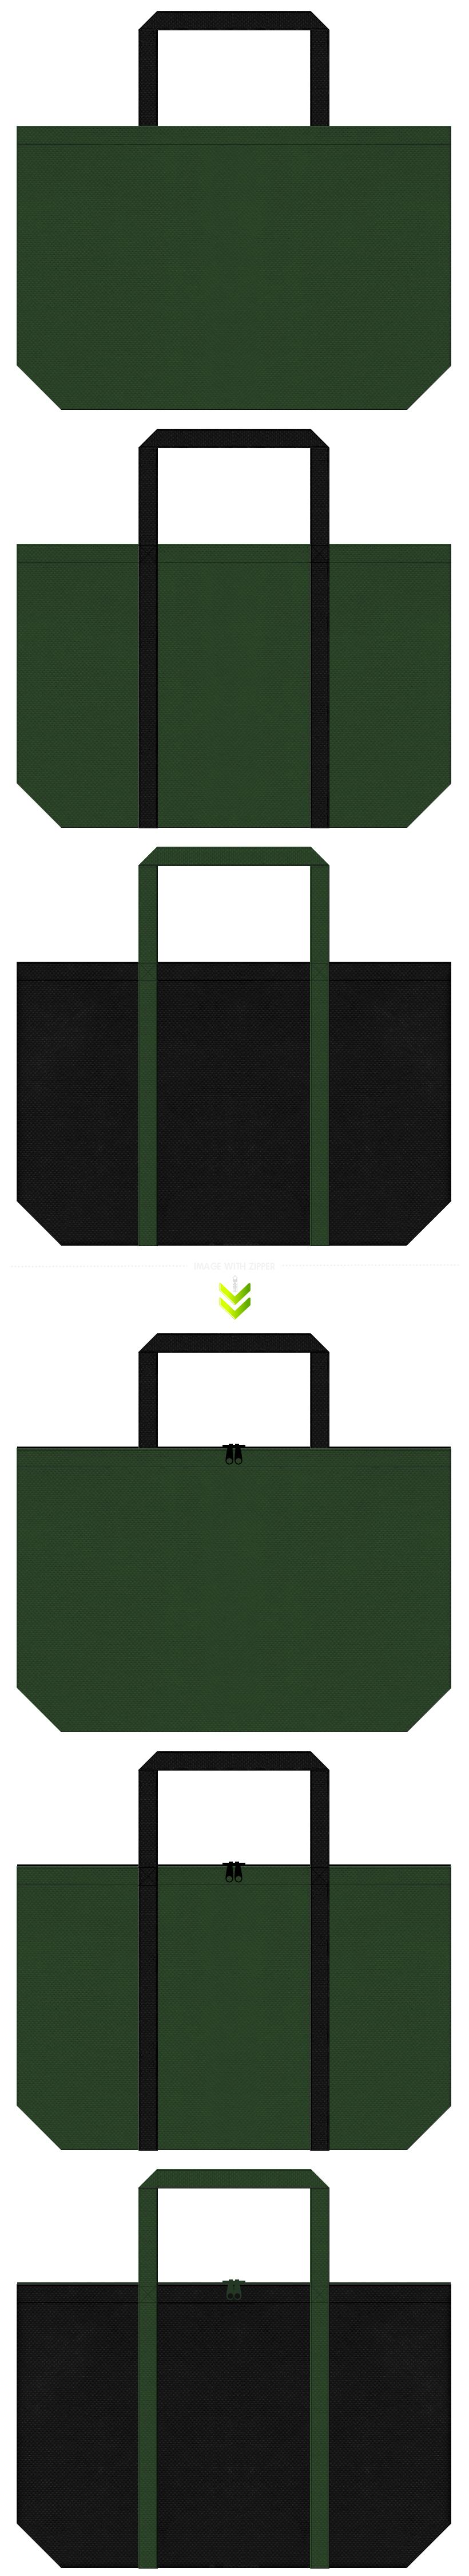 濃緑色と黒色の不織布エコバッグのデザイン。メンズ商品のショッピングバッグにお奨めです。黒色メインで忍者イベントにも。